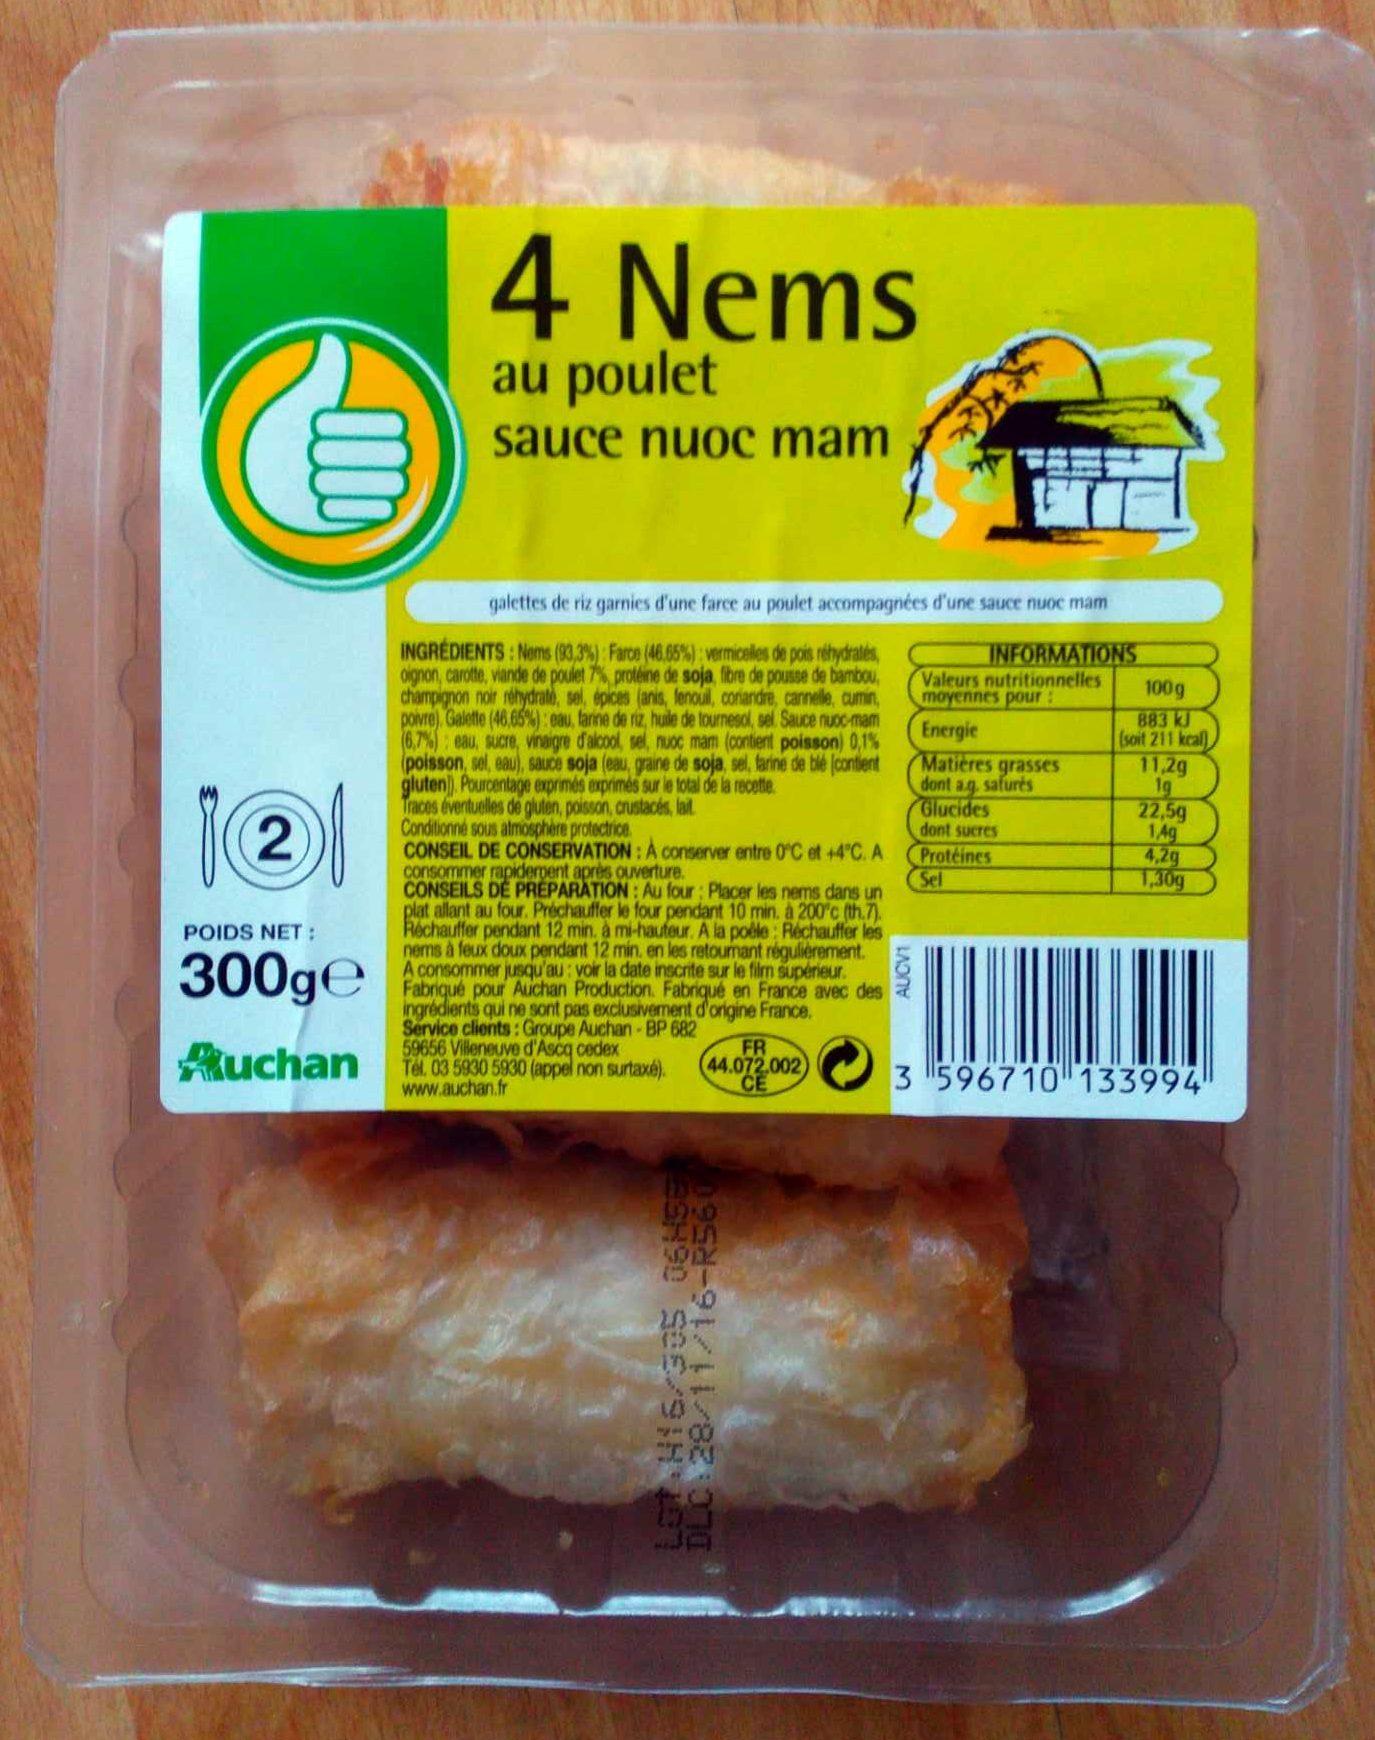 4 nems au poulet sauce nuoc mam - Product - fr